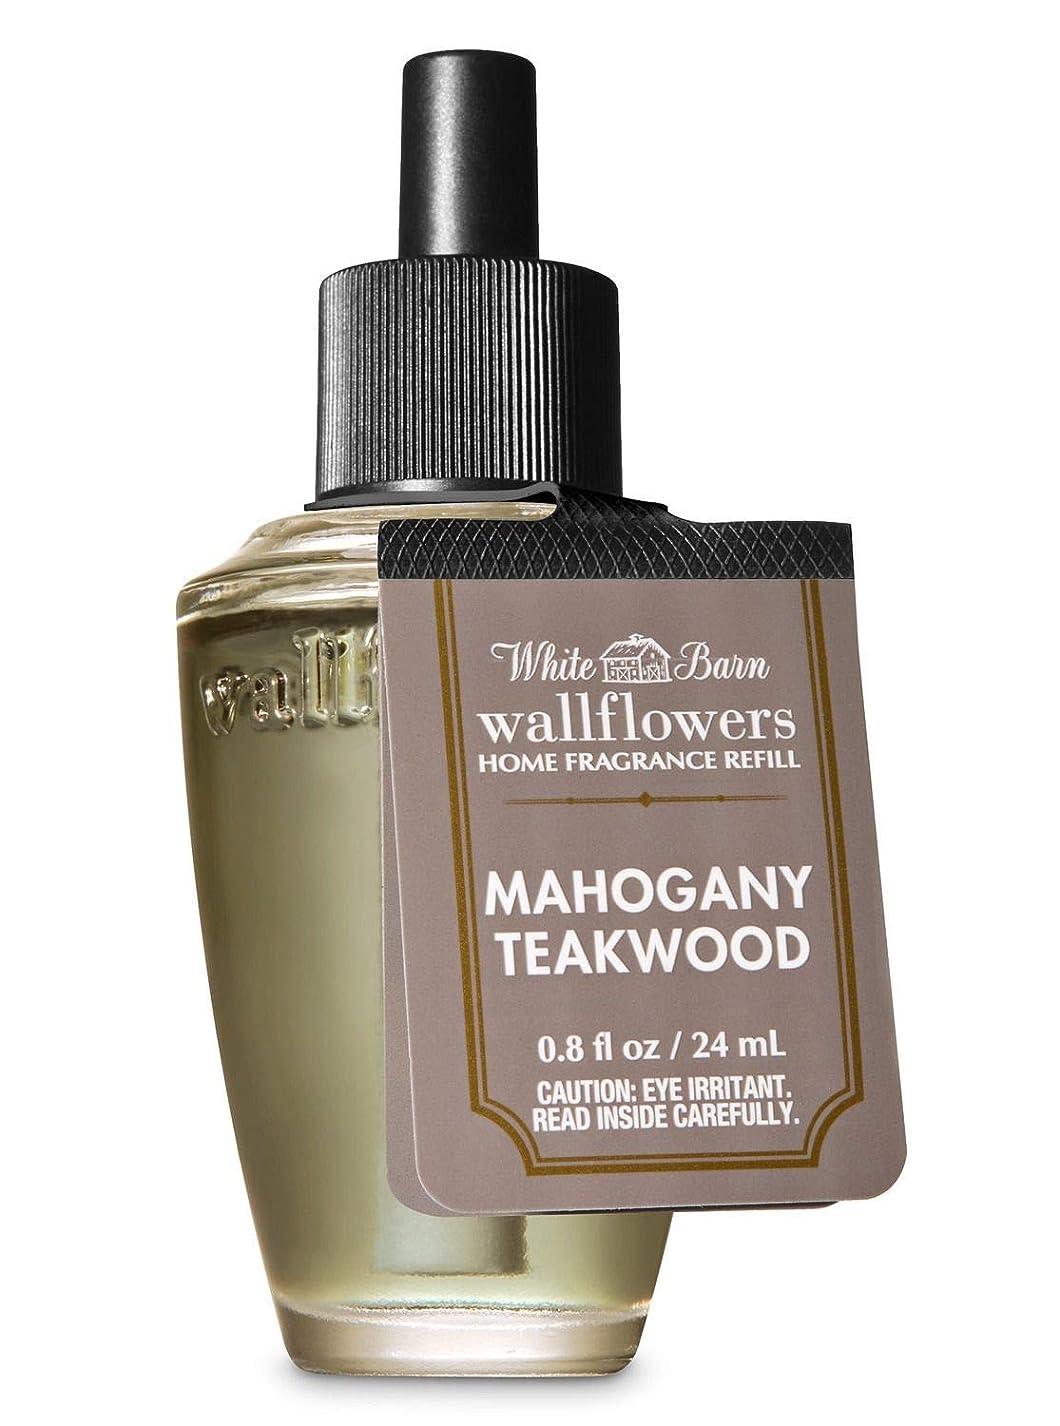 霧深い達成する根絶する【Bath&Body Works/バス&ボディワークス】 ルームフレグランス 詰替えリフィル マホガニーティークウッド Wallflowers Home Fragrance Refill Mahogany Teakwood [並行輸入品]